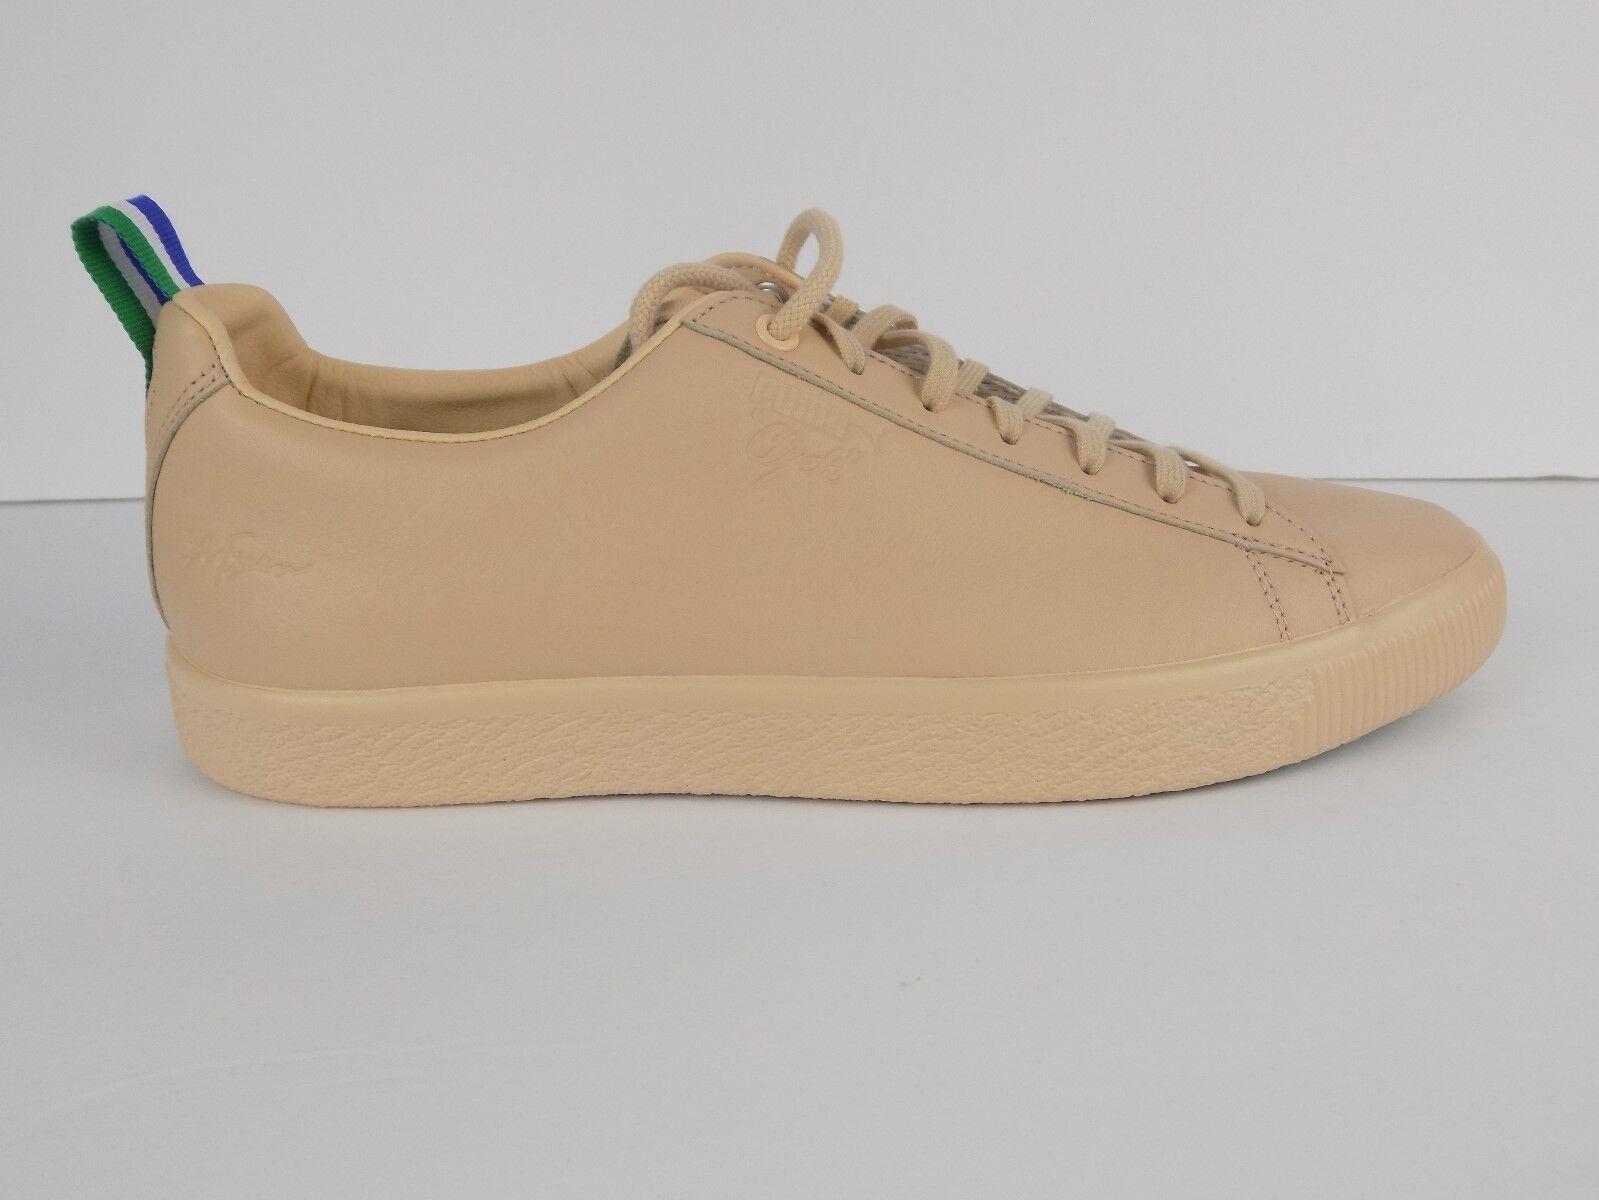 Puma CLYDE Big Sean Natural Vachetta 366253 01 Men's Shoes Size 11 US